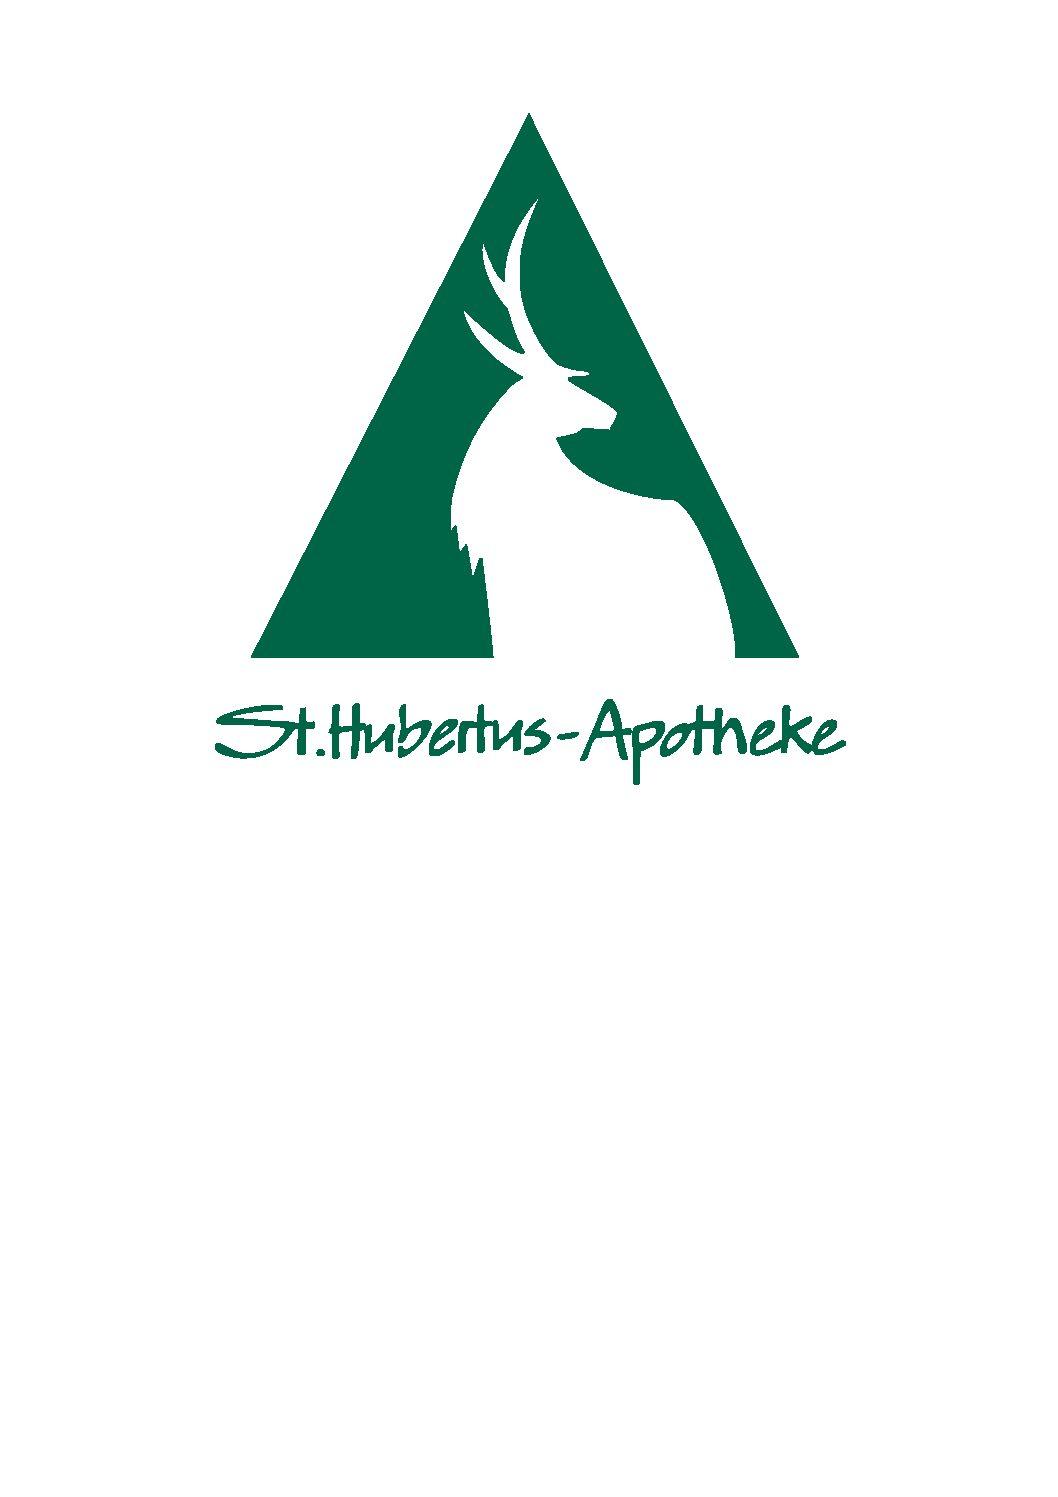 St. Hubertus-Apotheke